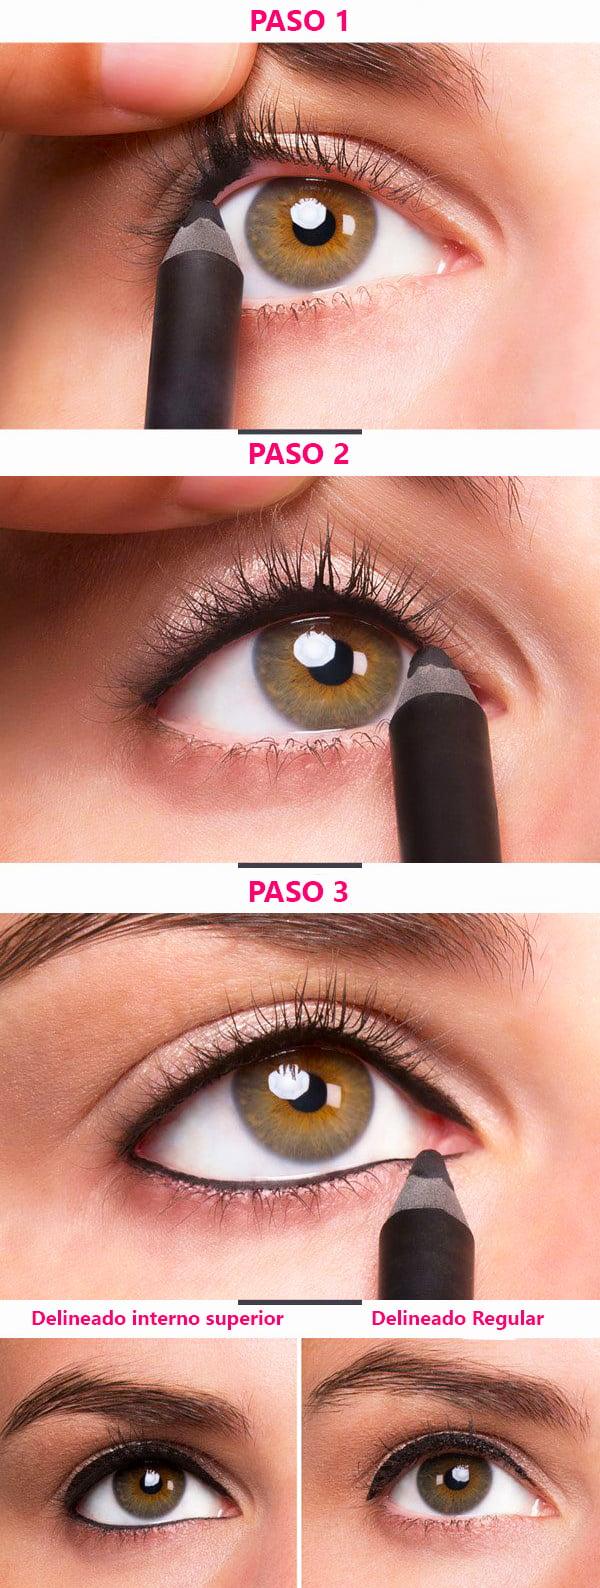 18 Consejos Para Conseguir Un Delineado De Ojos Perfecto - Paso-a-paso-como-pintarse-los-ojos